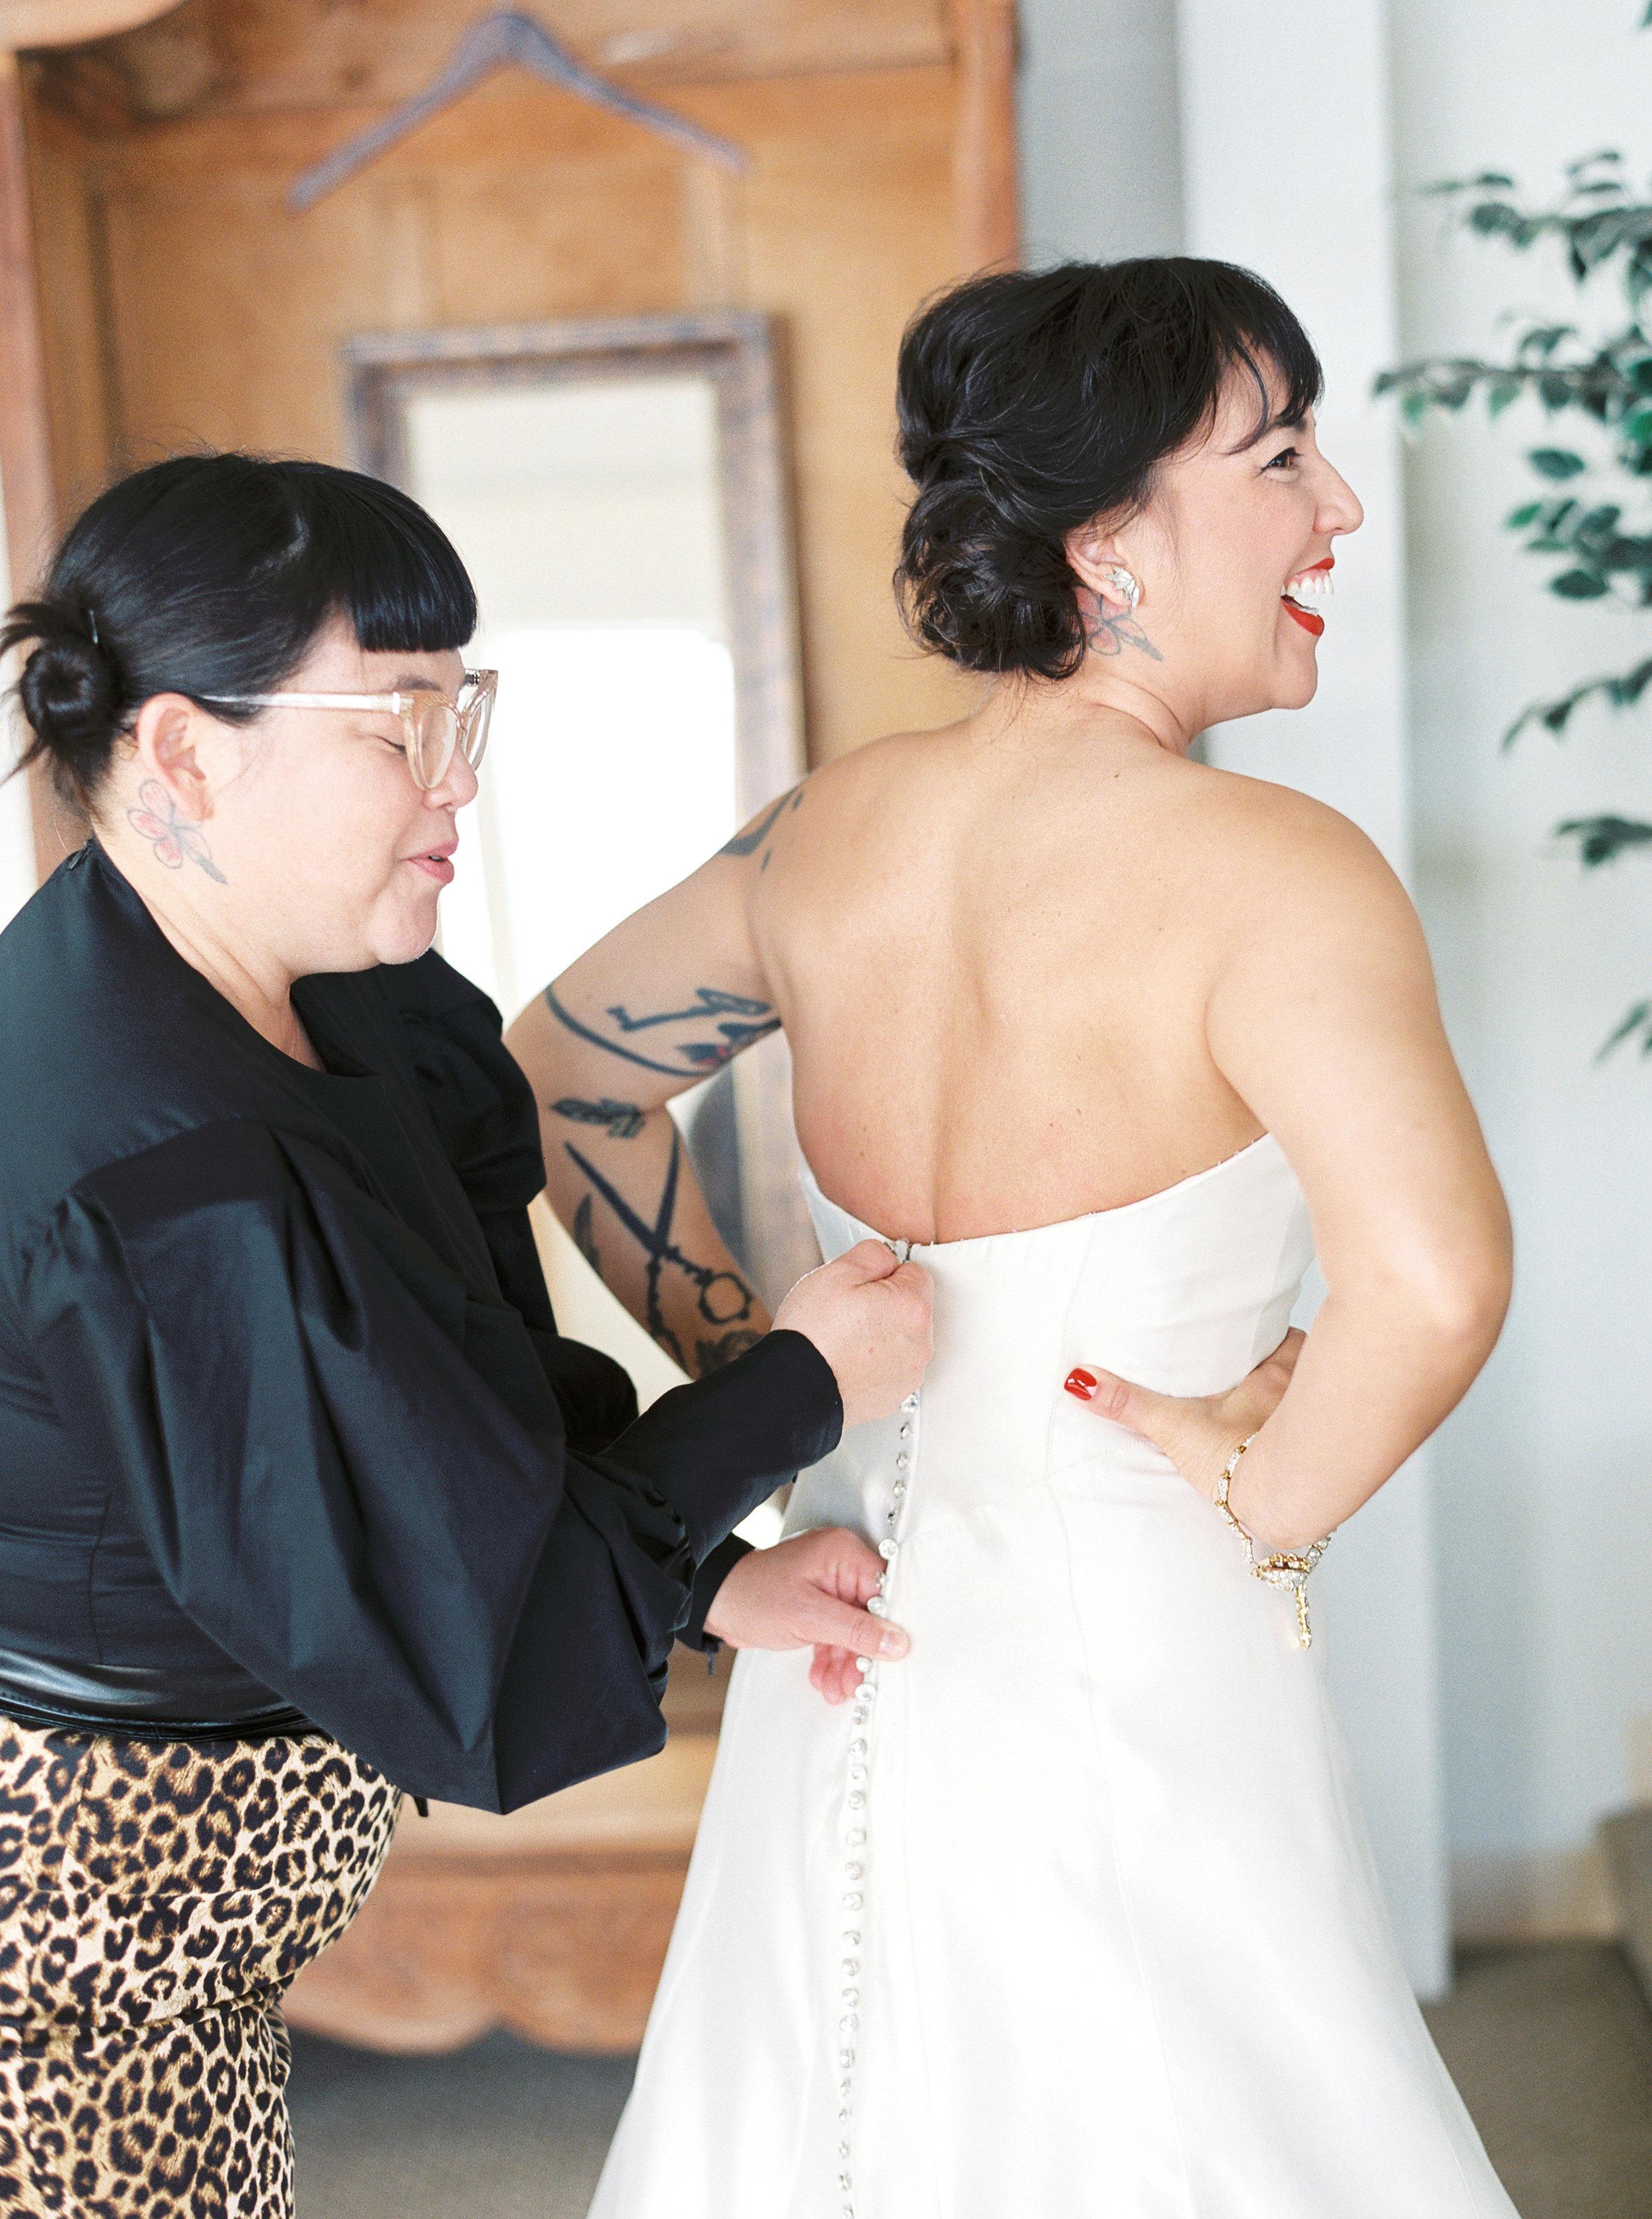 Mavericks-event-center-wedding-in-half-moon-bay-california448.jpg